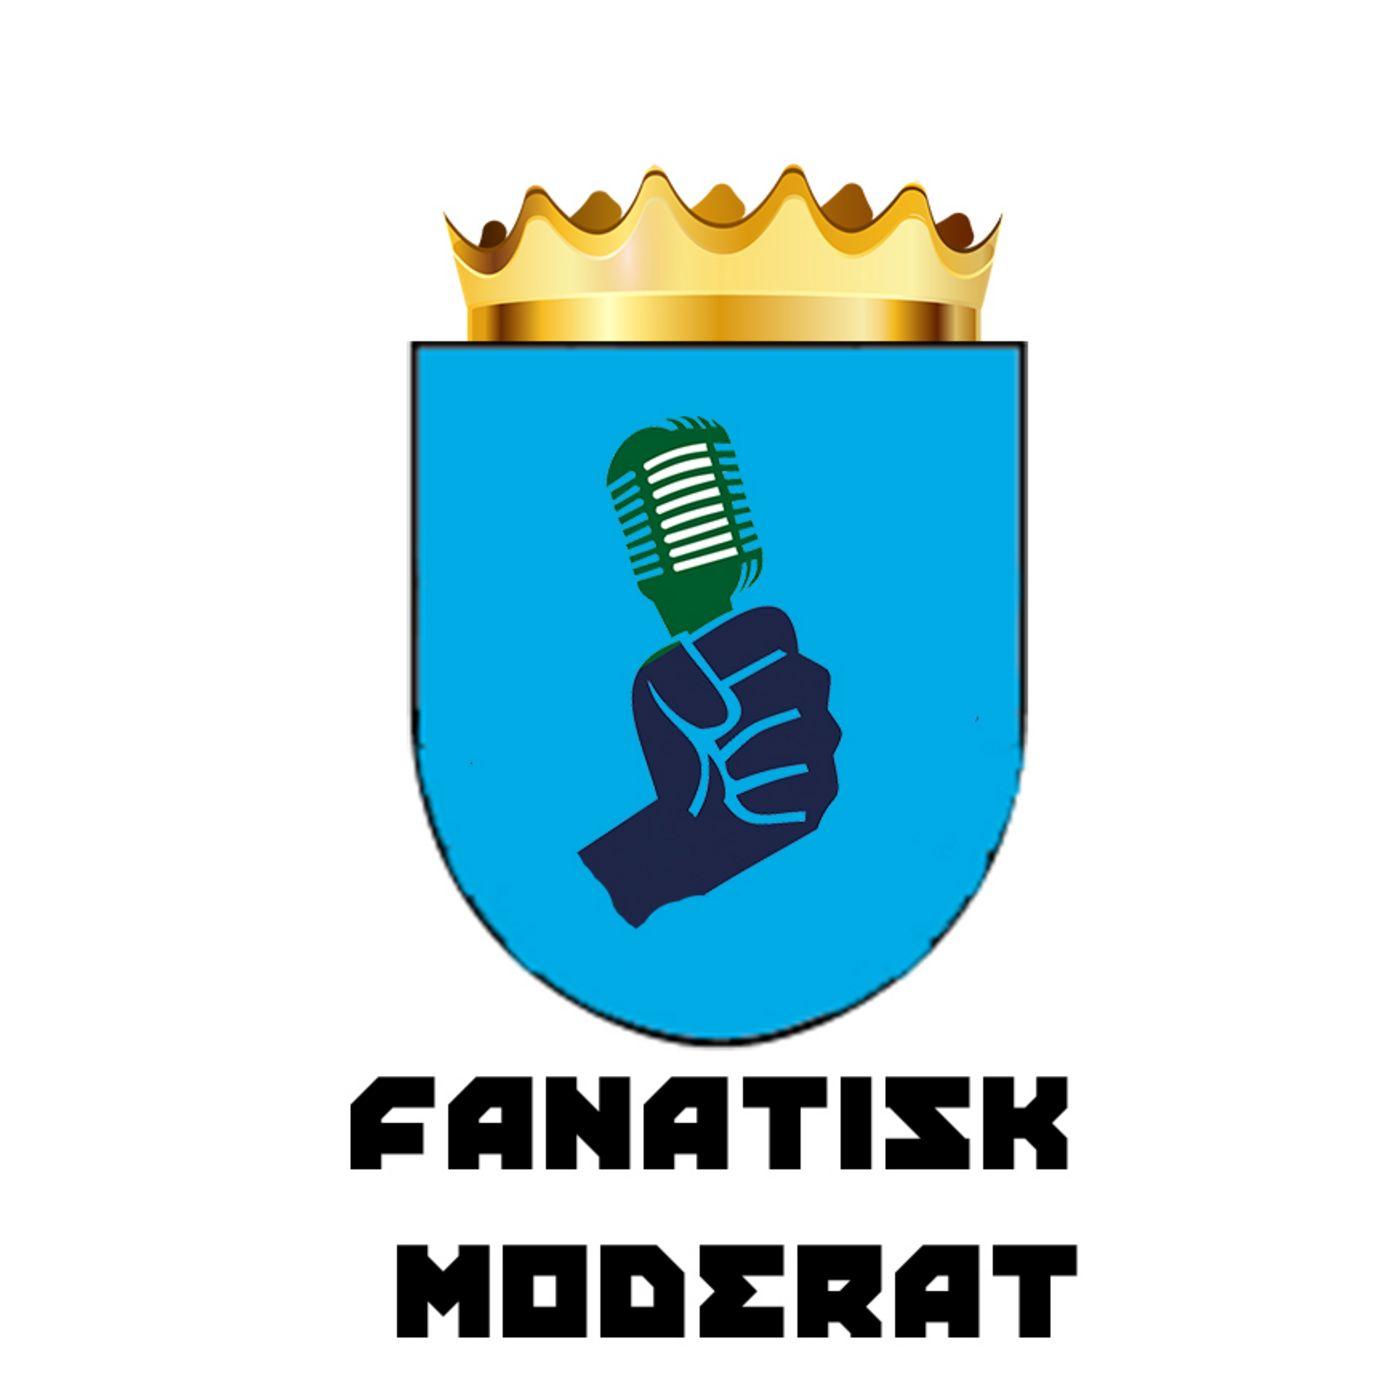 Fanatisk Moderat